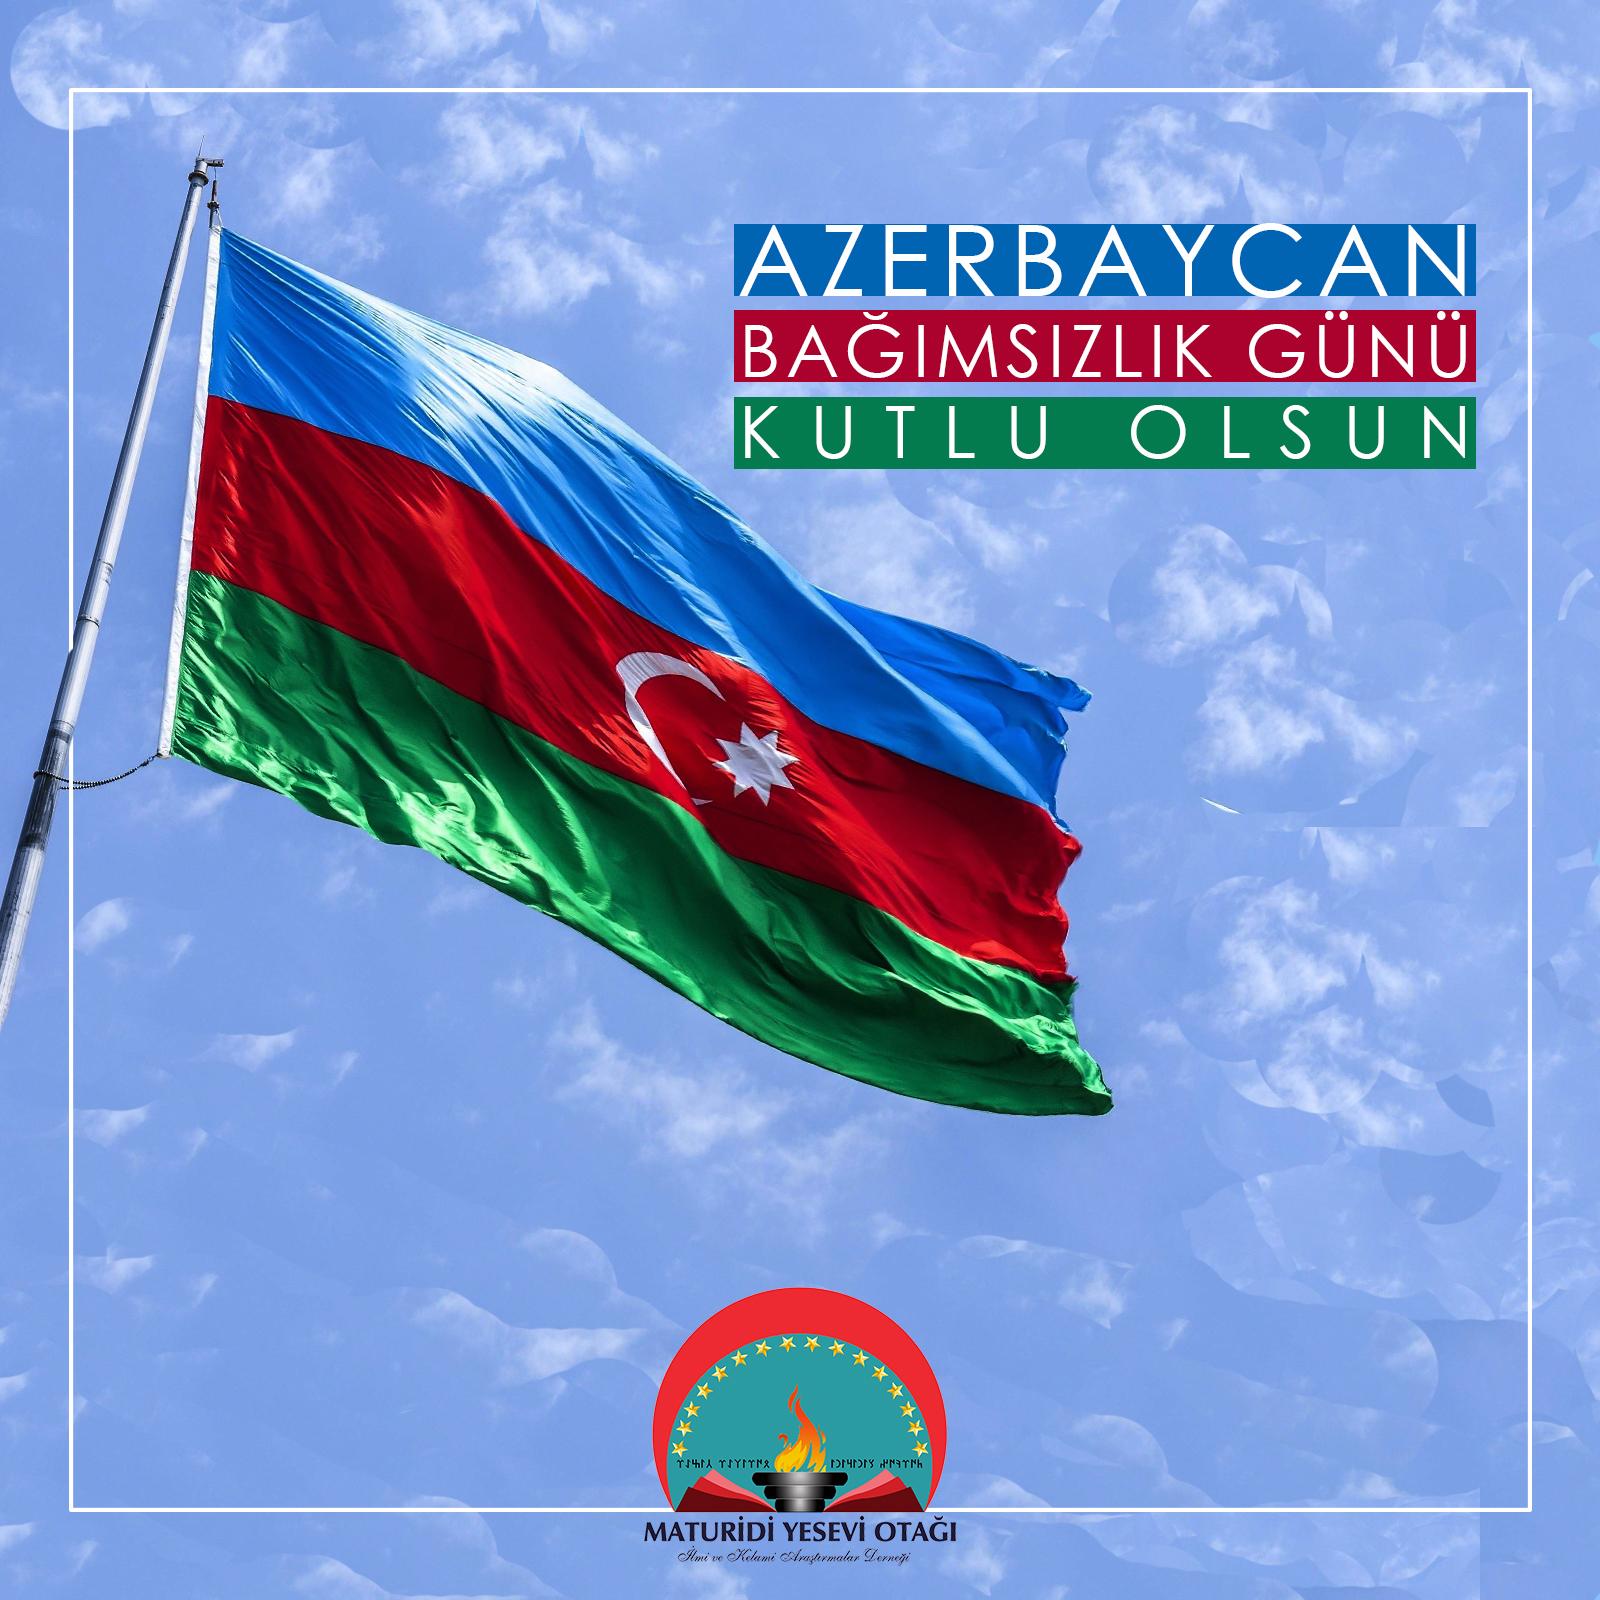 Azerbaycan'ın Bağımsızlık Günü Kutlu Olsun!